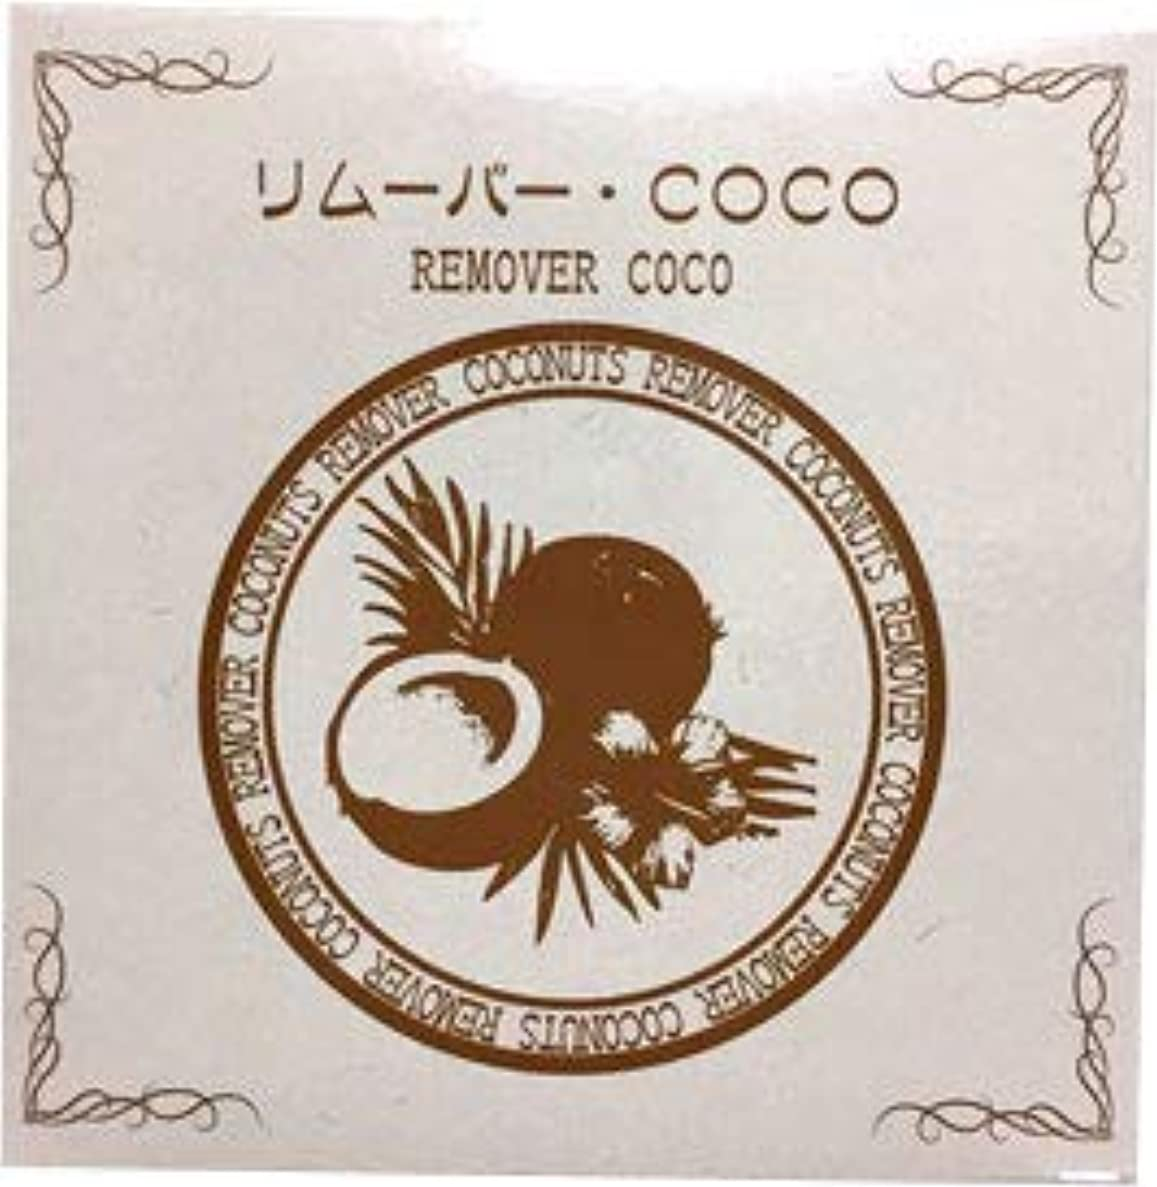 元気な三十悲鳴リムーバー?COCO 80g